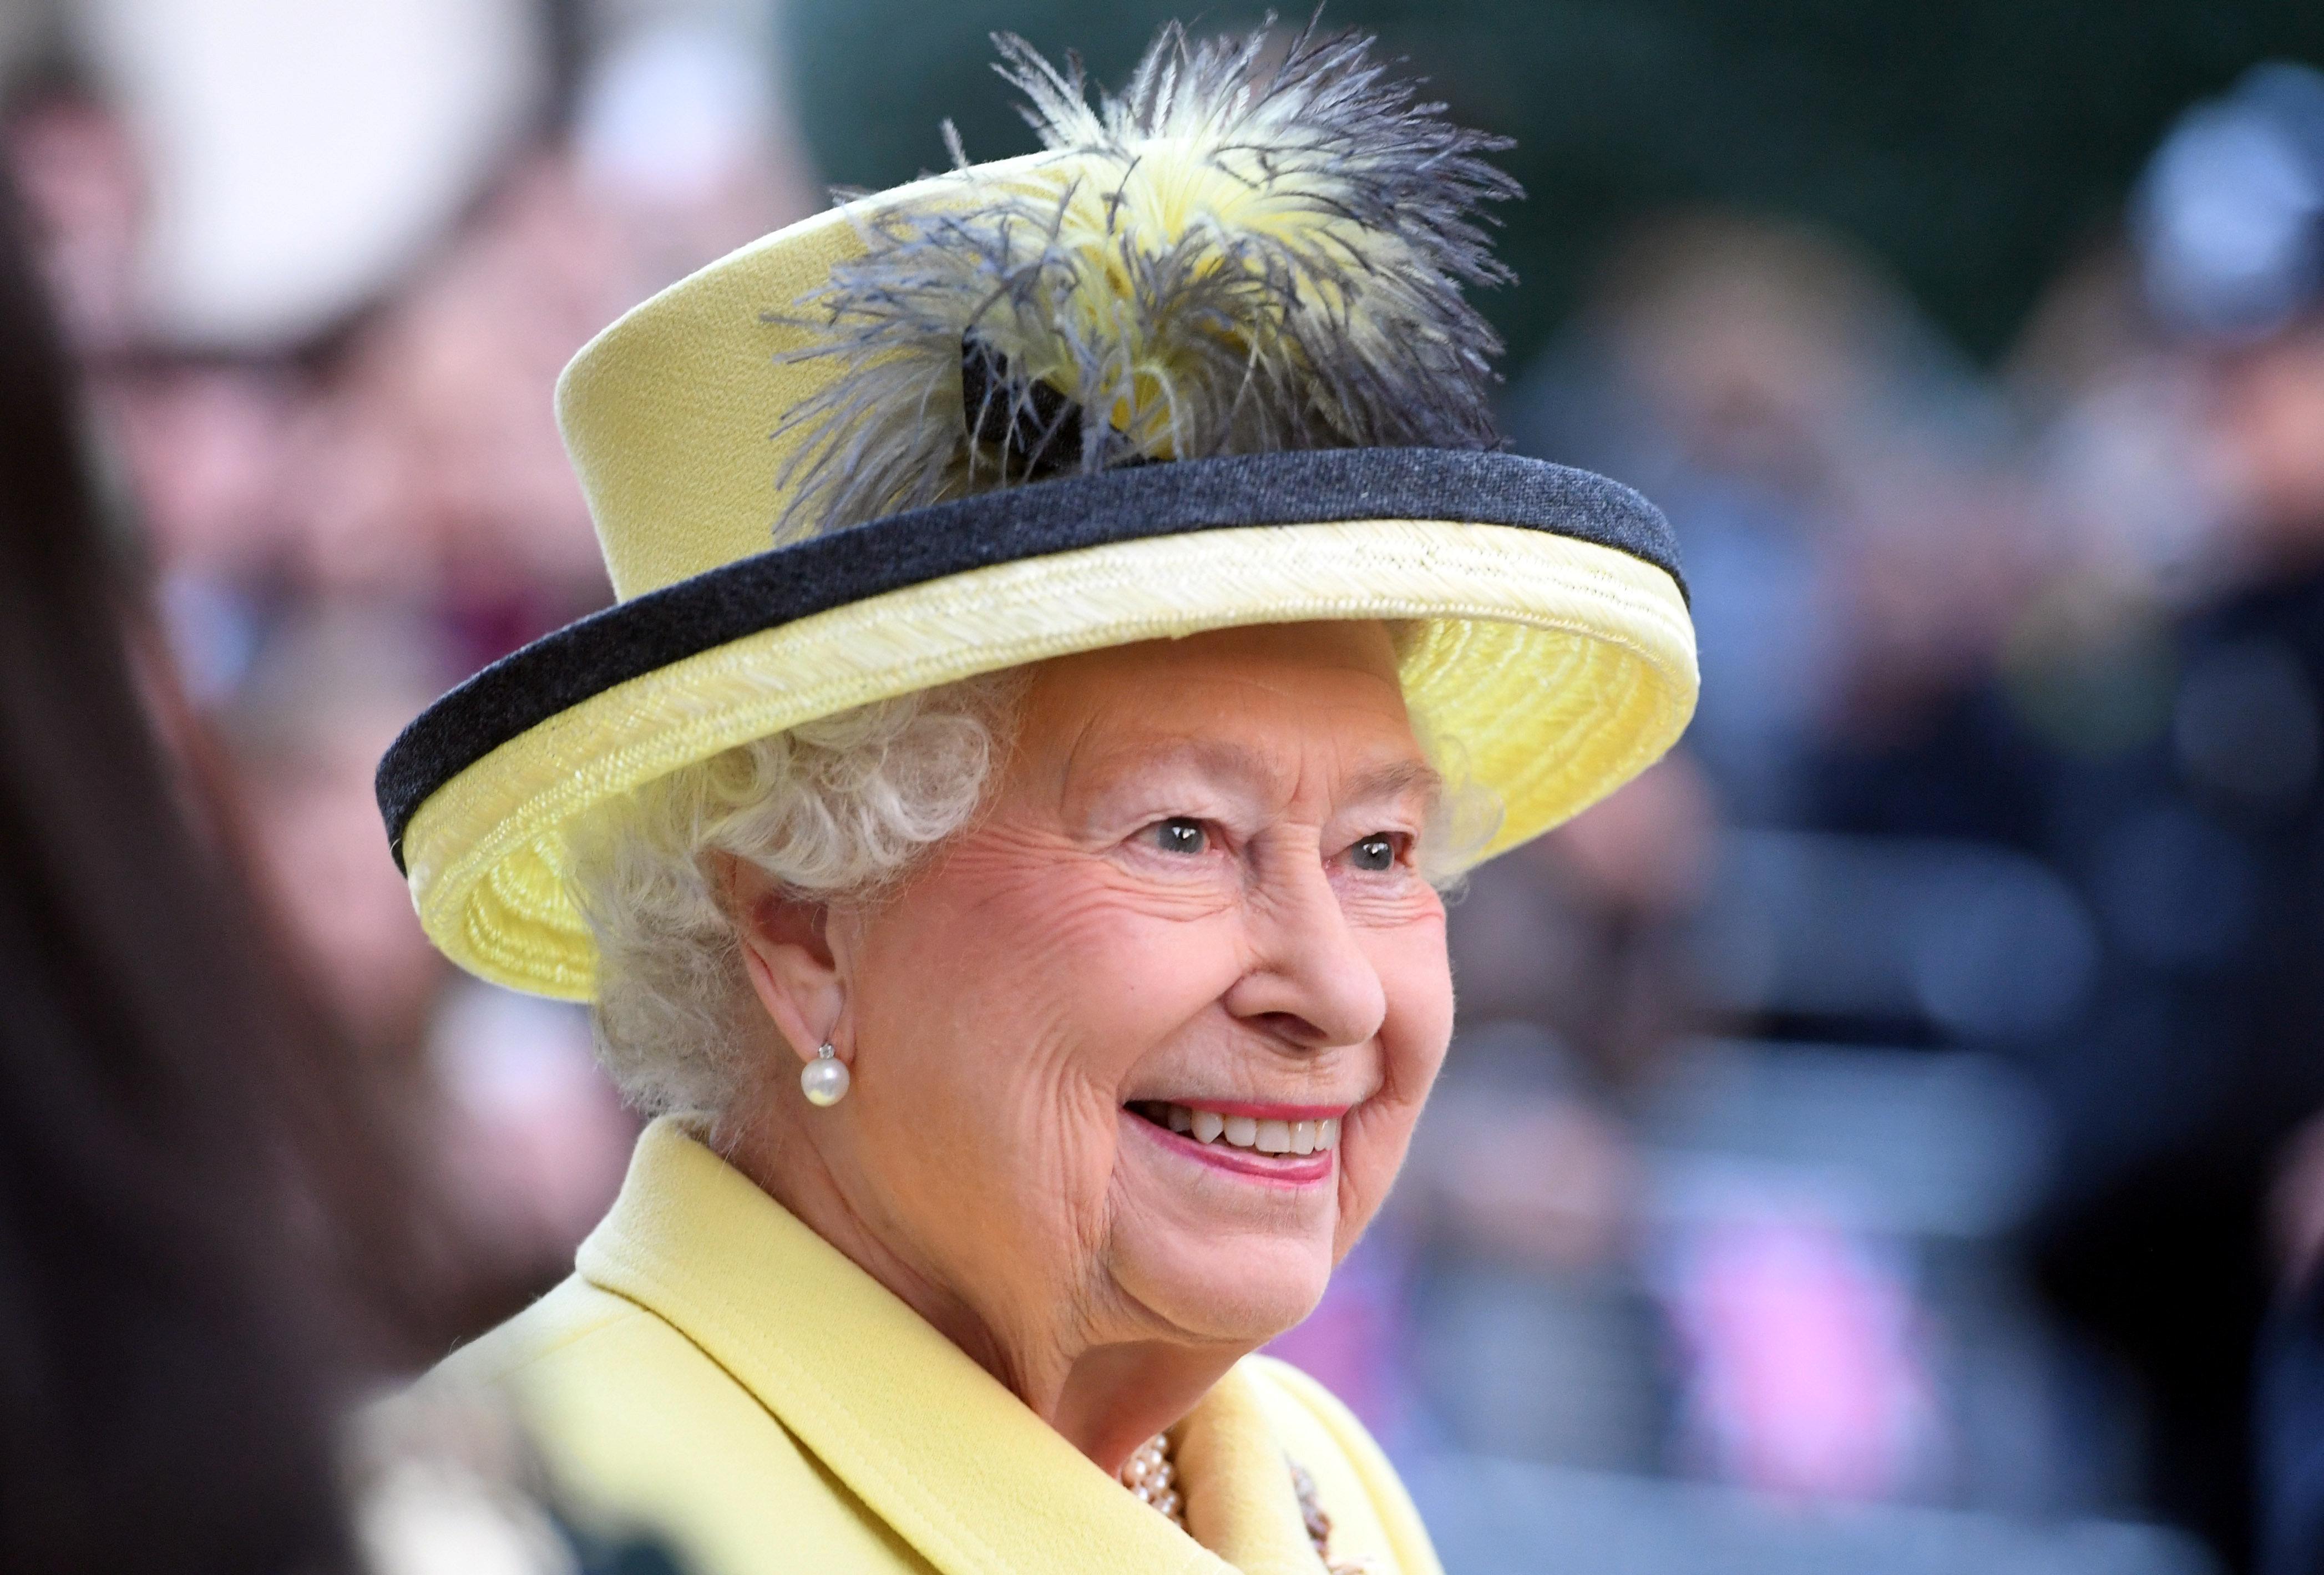 Γερό ποτήρι η βασίλισσα Ελισάβετ: Απολαμβάνει αρκετά κοκτέϊλ κάθε